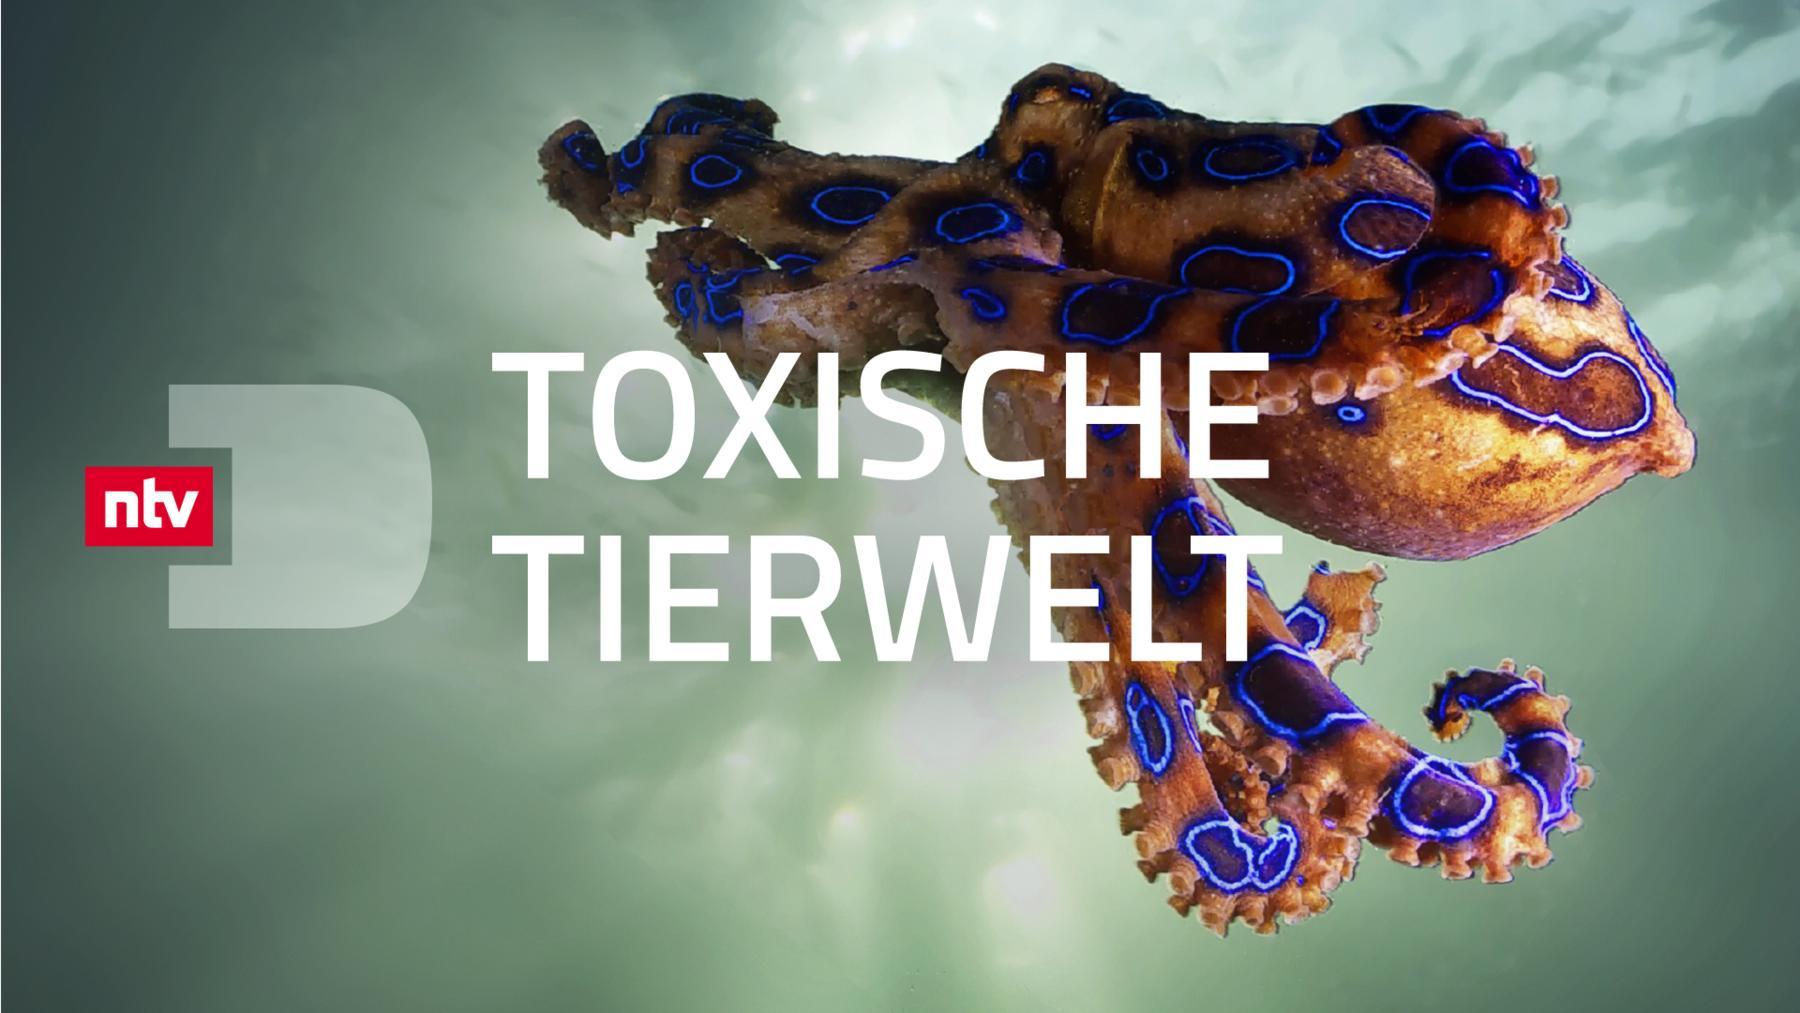 Toxische Tierwelt